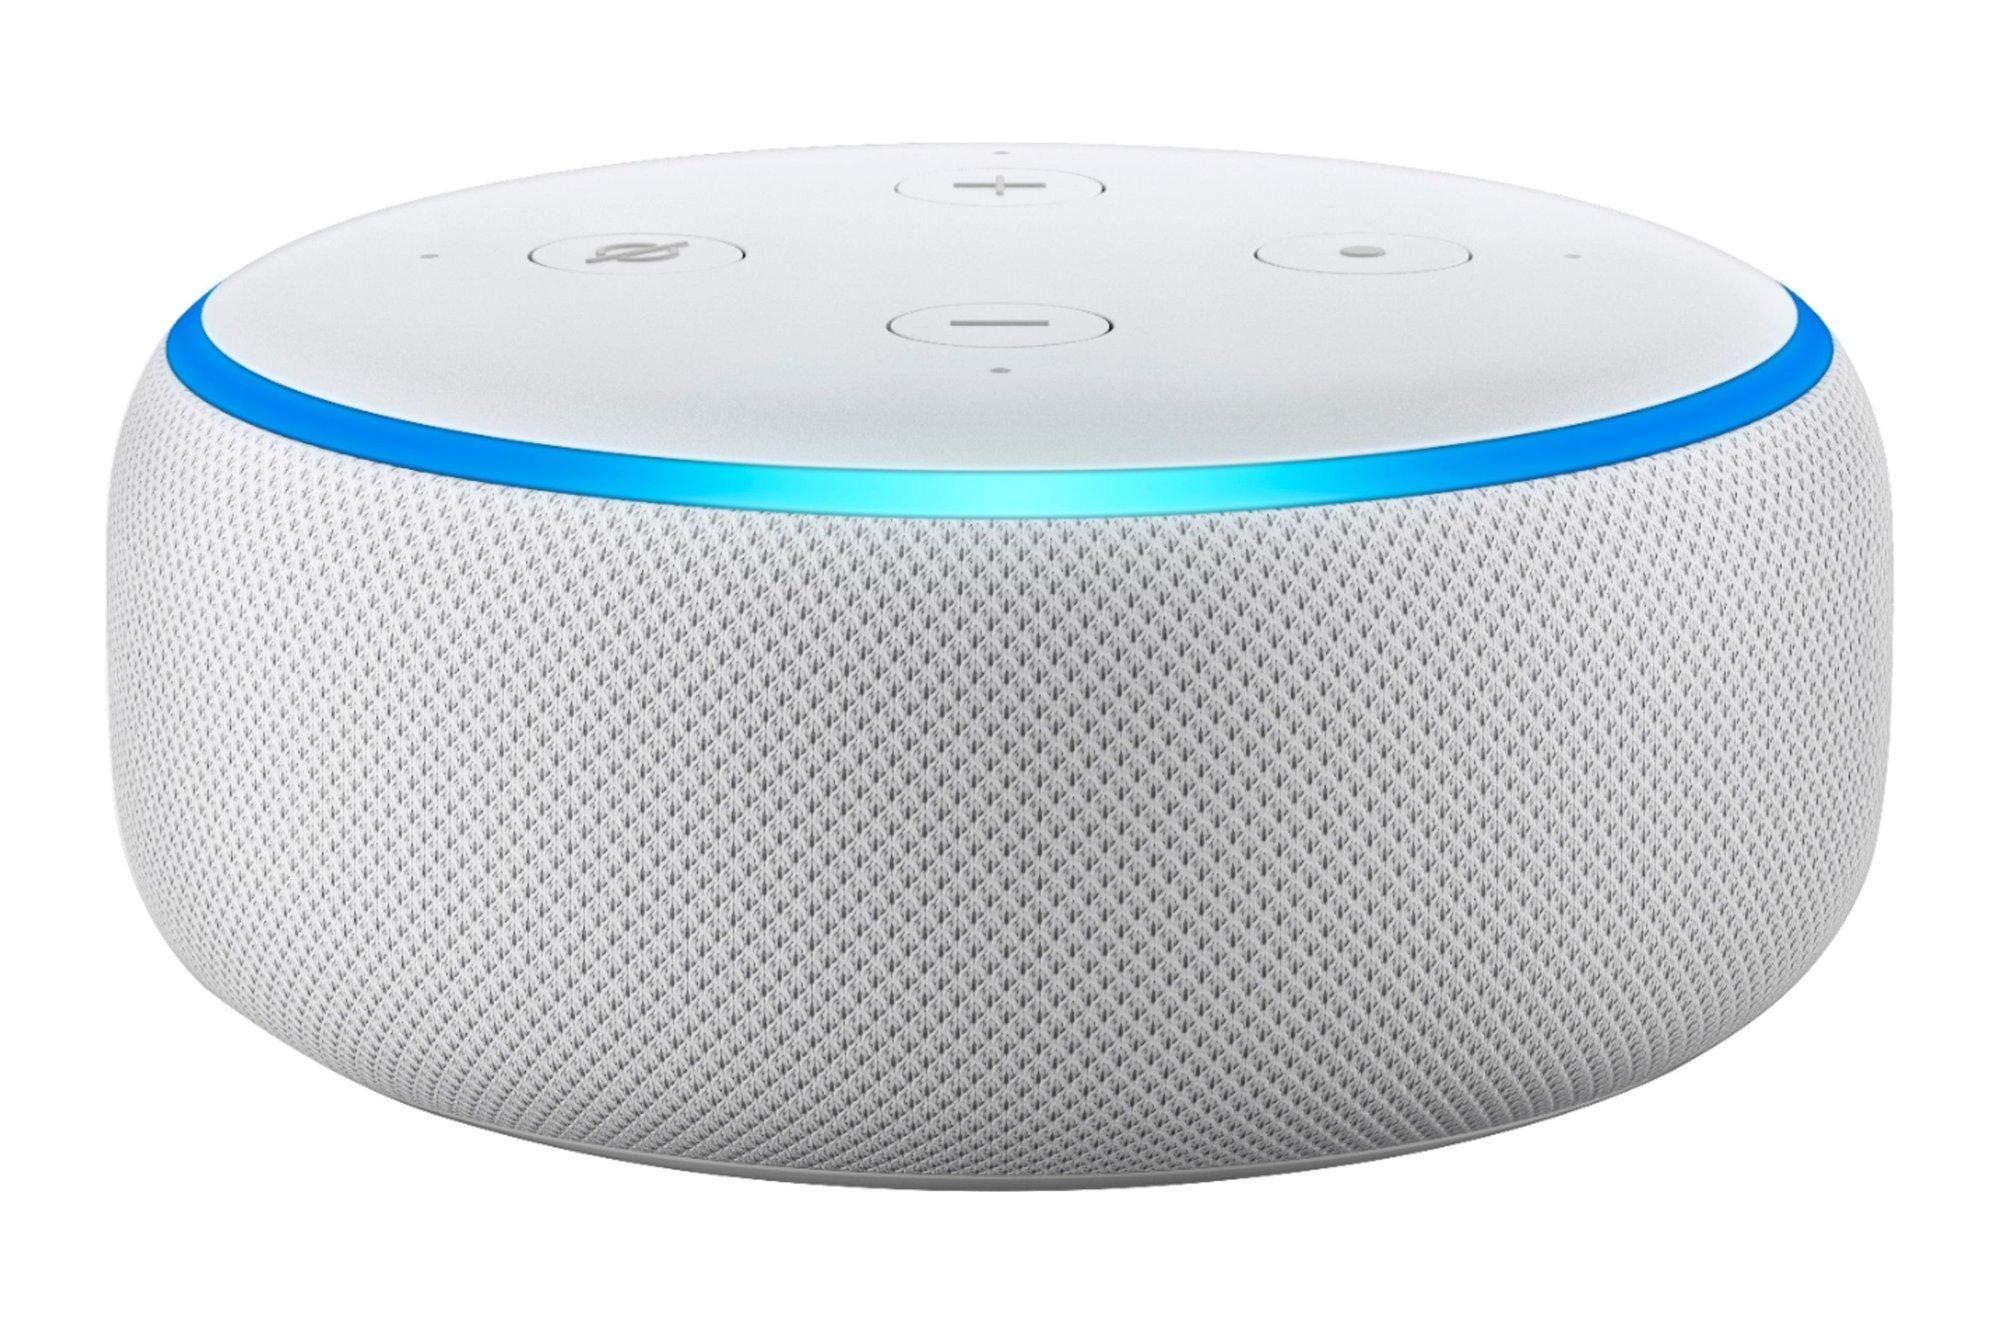 Amazon Echo Dot 3 Gen Smart Speaker with Alexa Sandstone